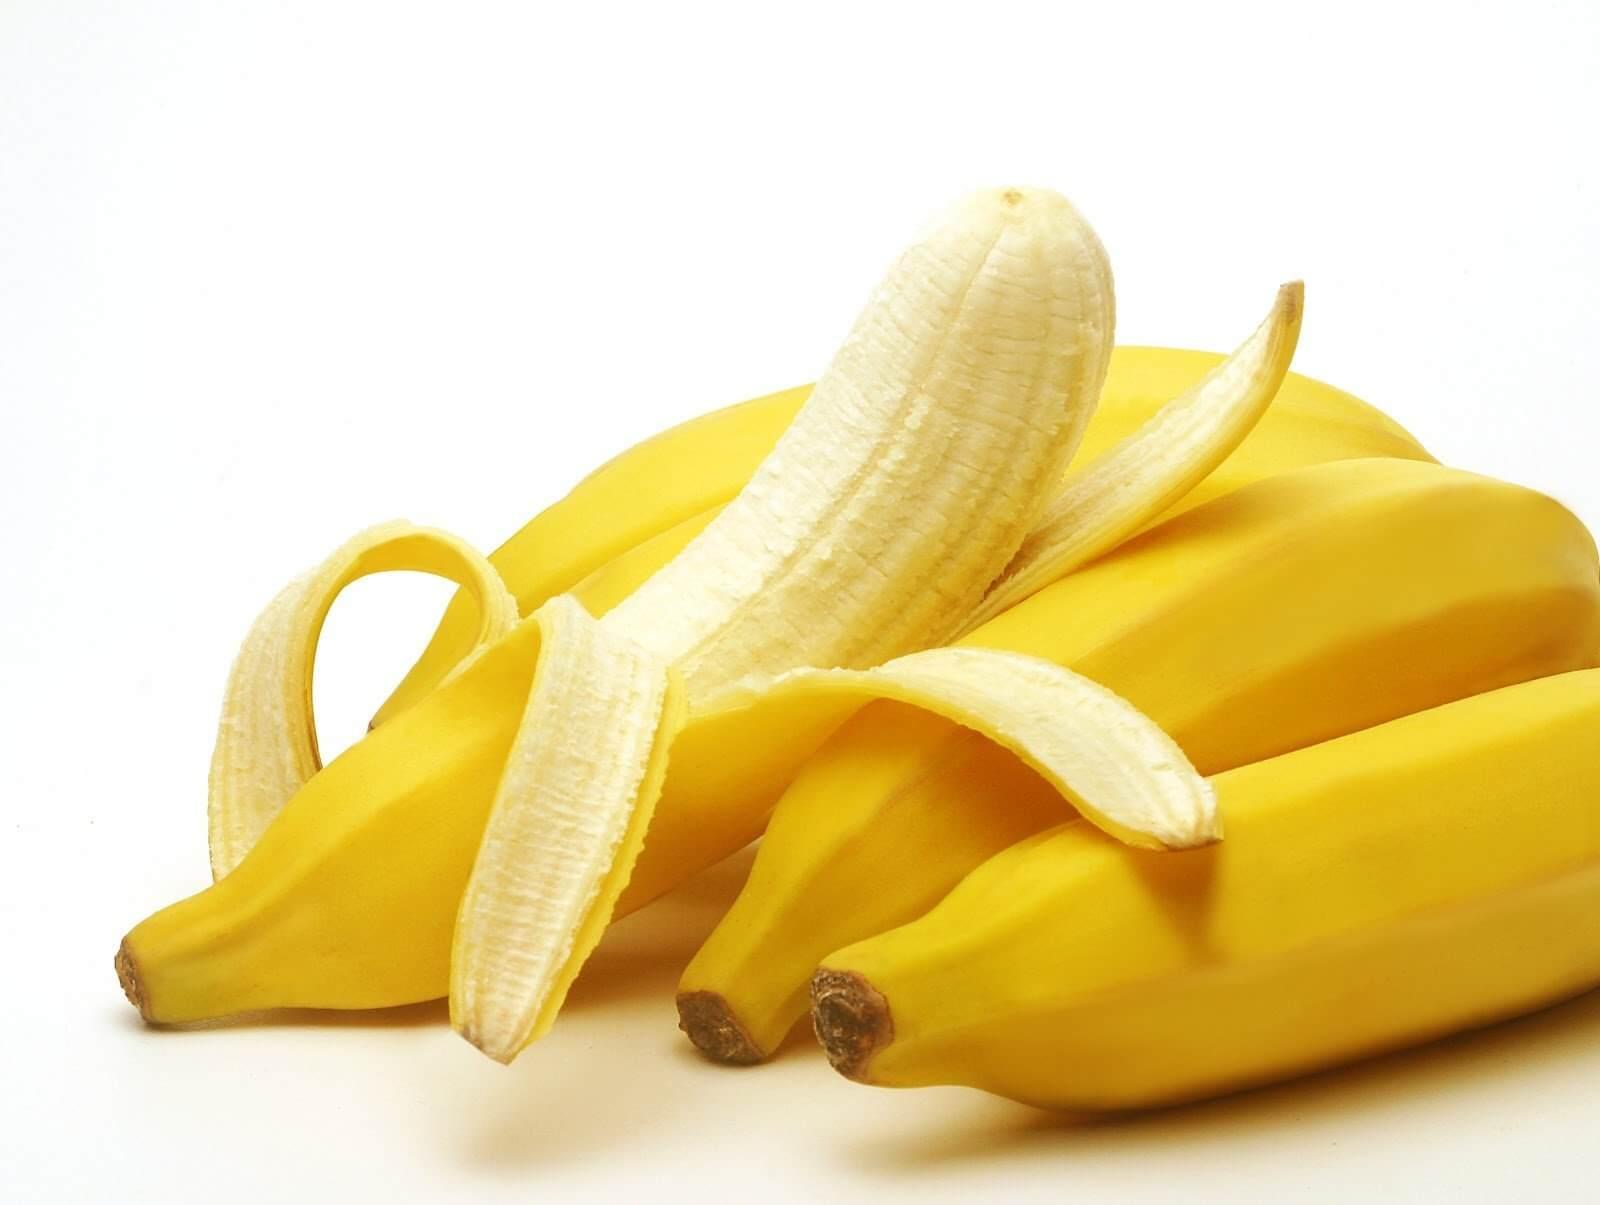 La banana para bajar de peso